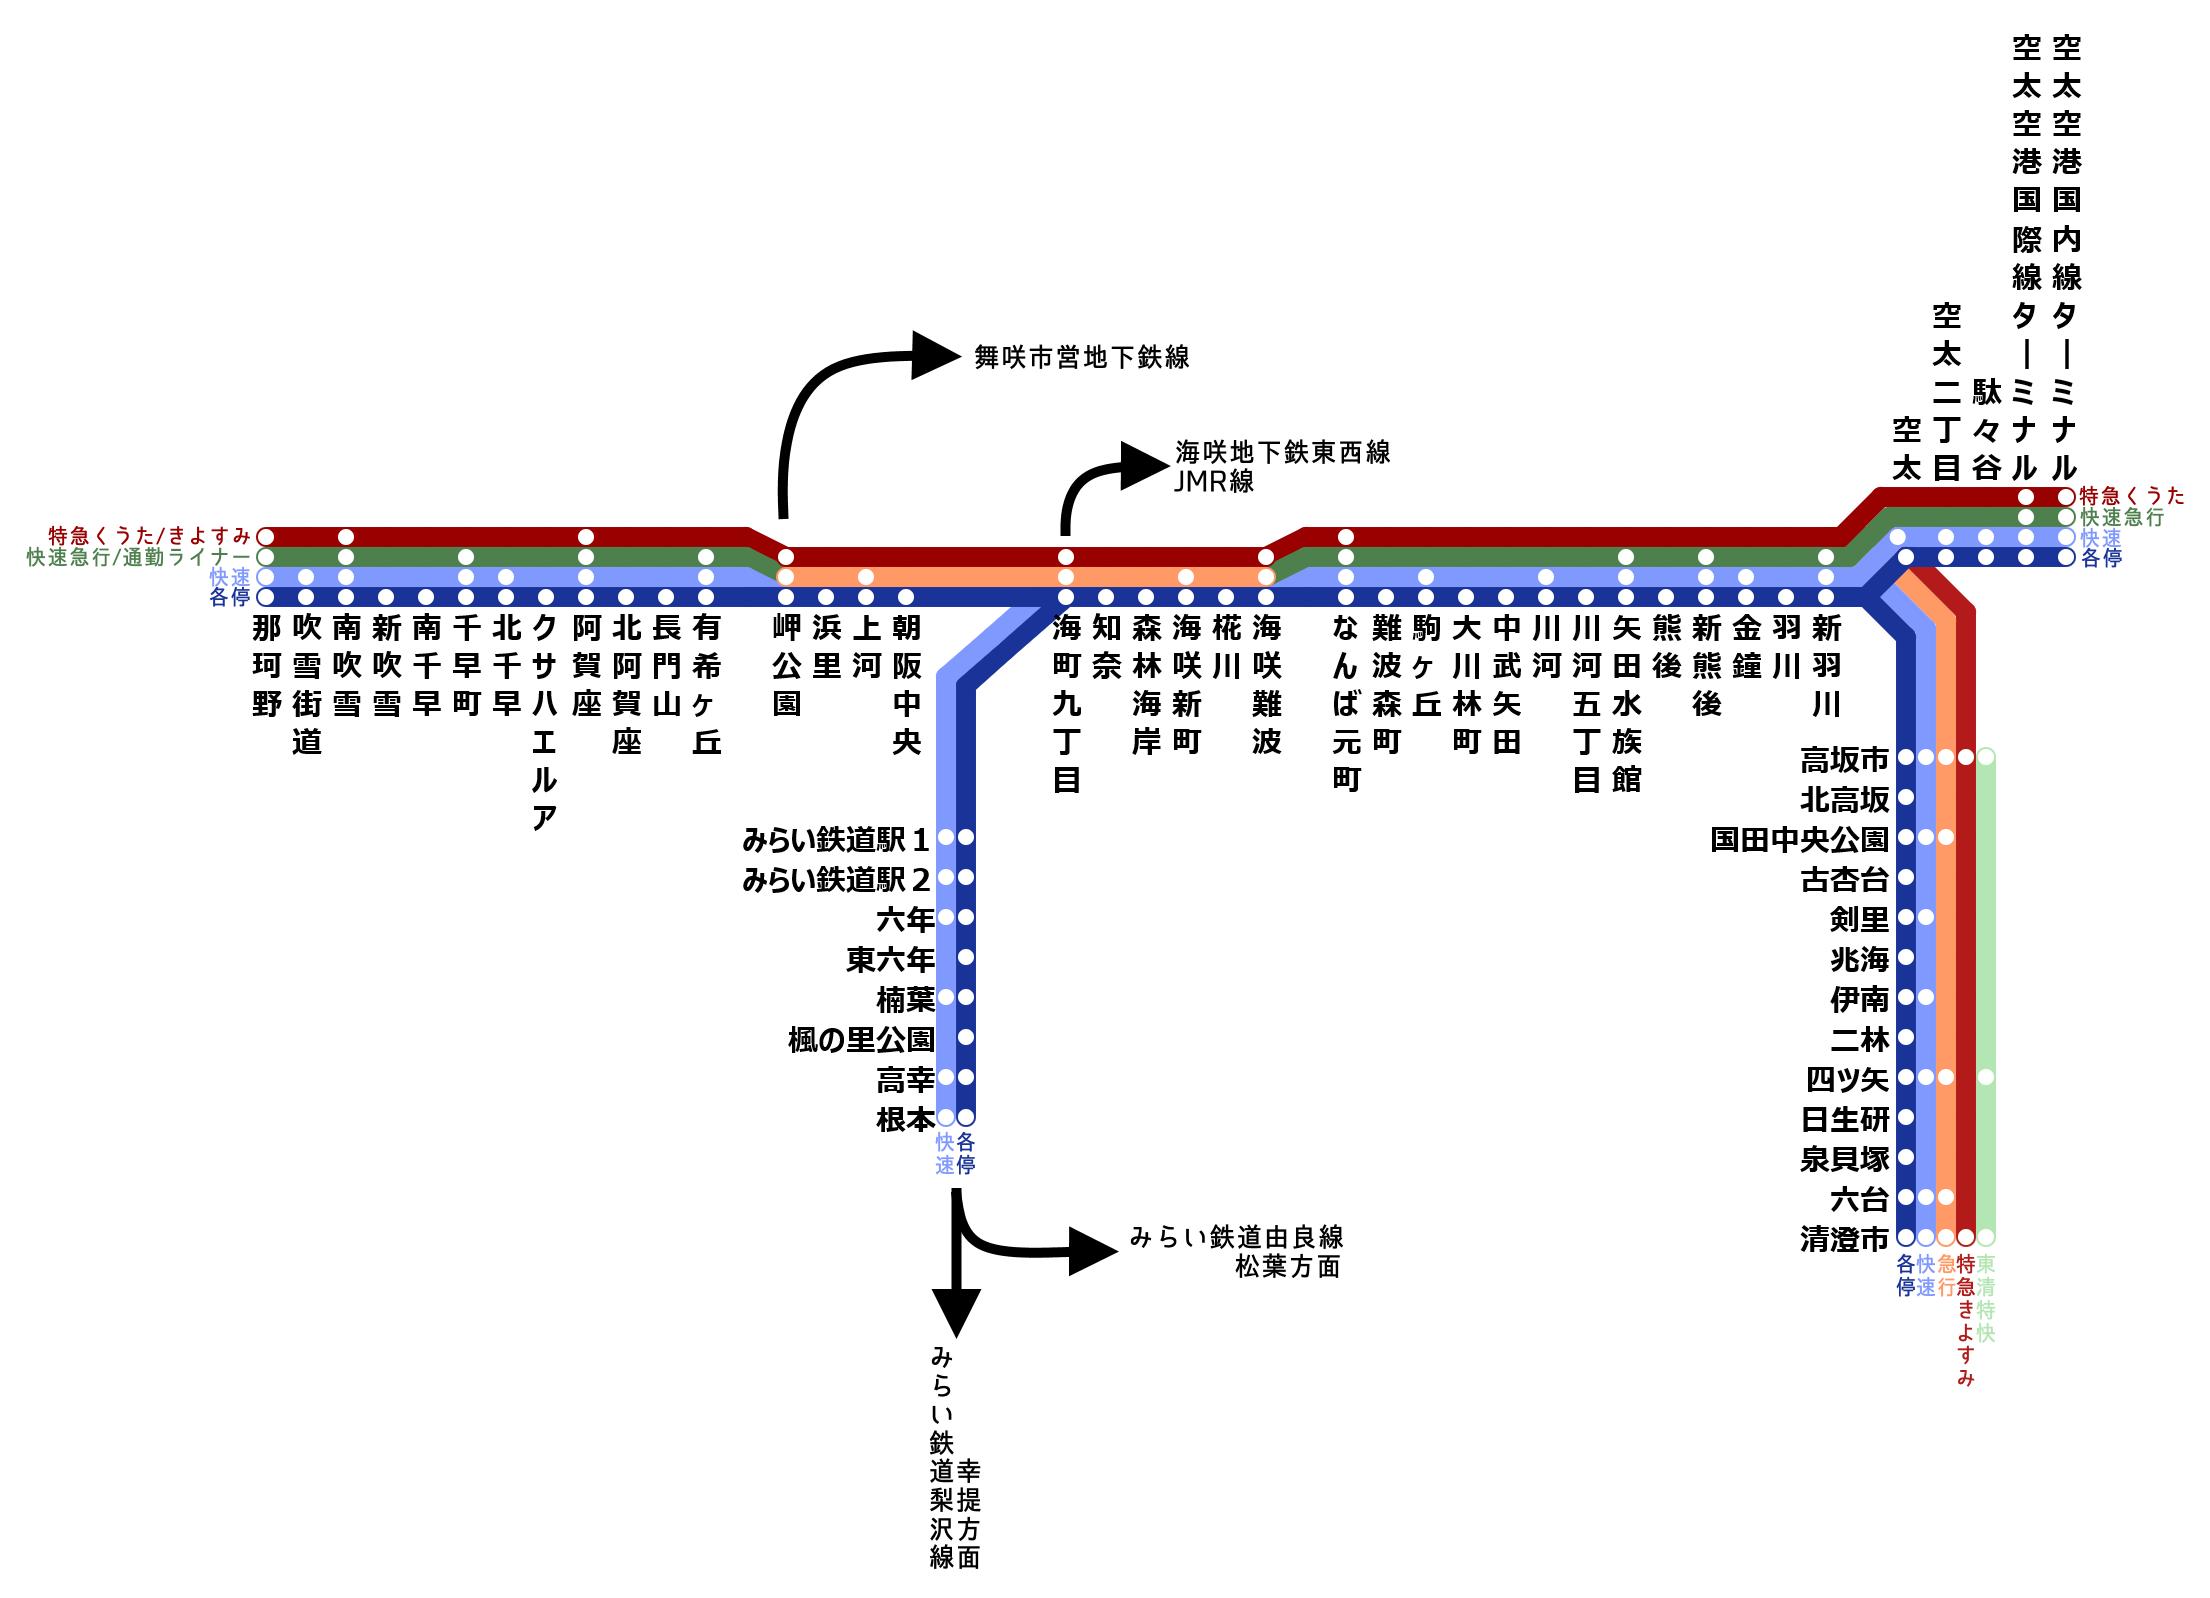 海咲地下鉄直通路線図3.png